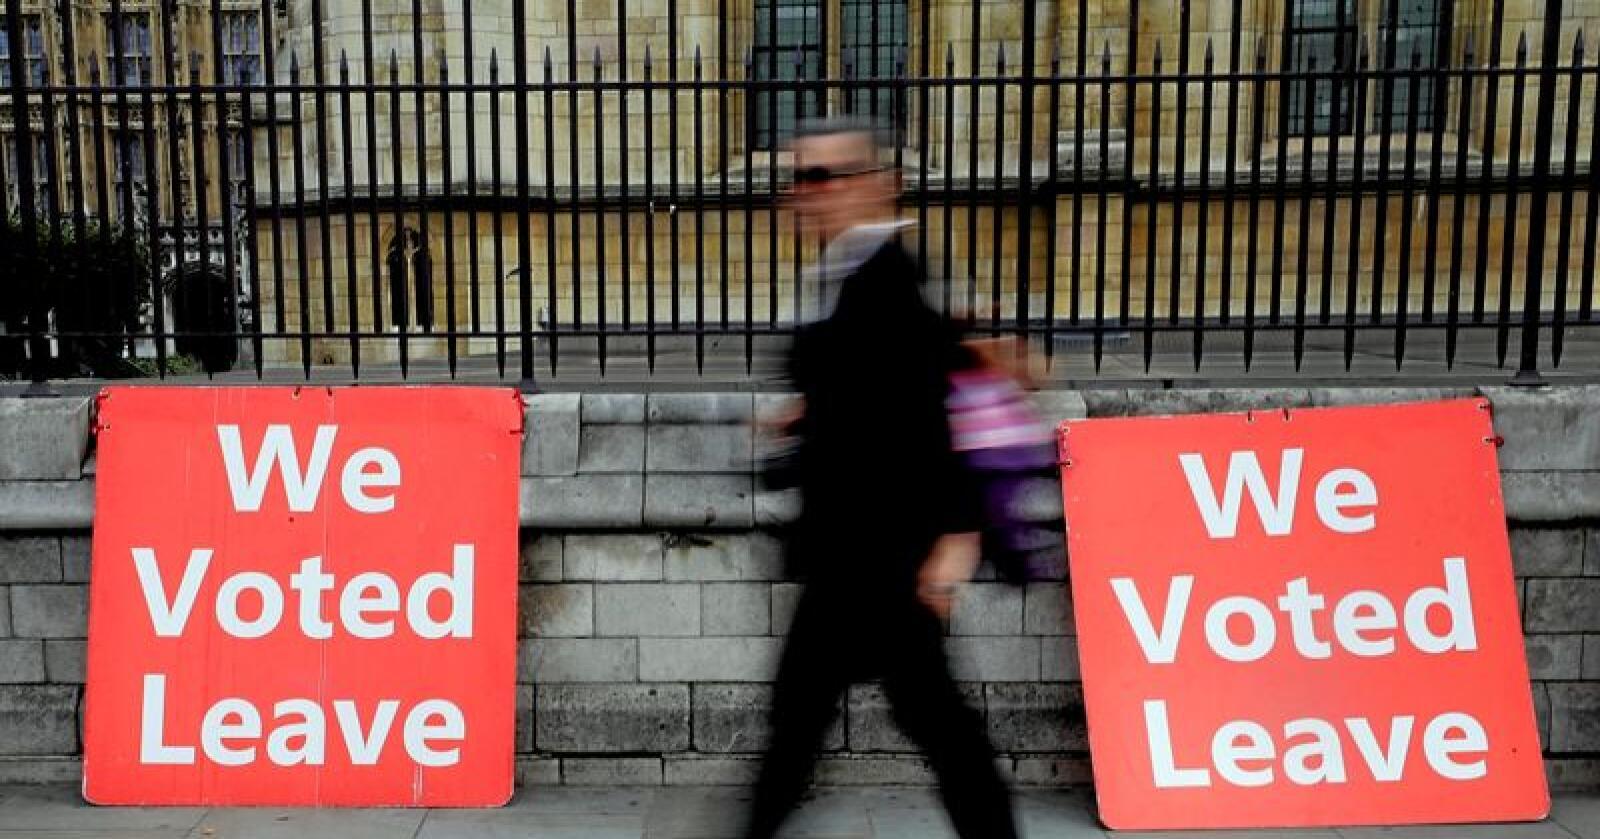 Utenfor det britiske parlamentet: Plakater skal minne politikerne om at et flertall av britene stemte for å forlate EU, altså ja til brexit. Foto: AP Photo/Kirsty Wigglesworth, NTB scanpix.